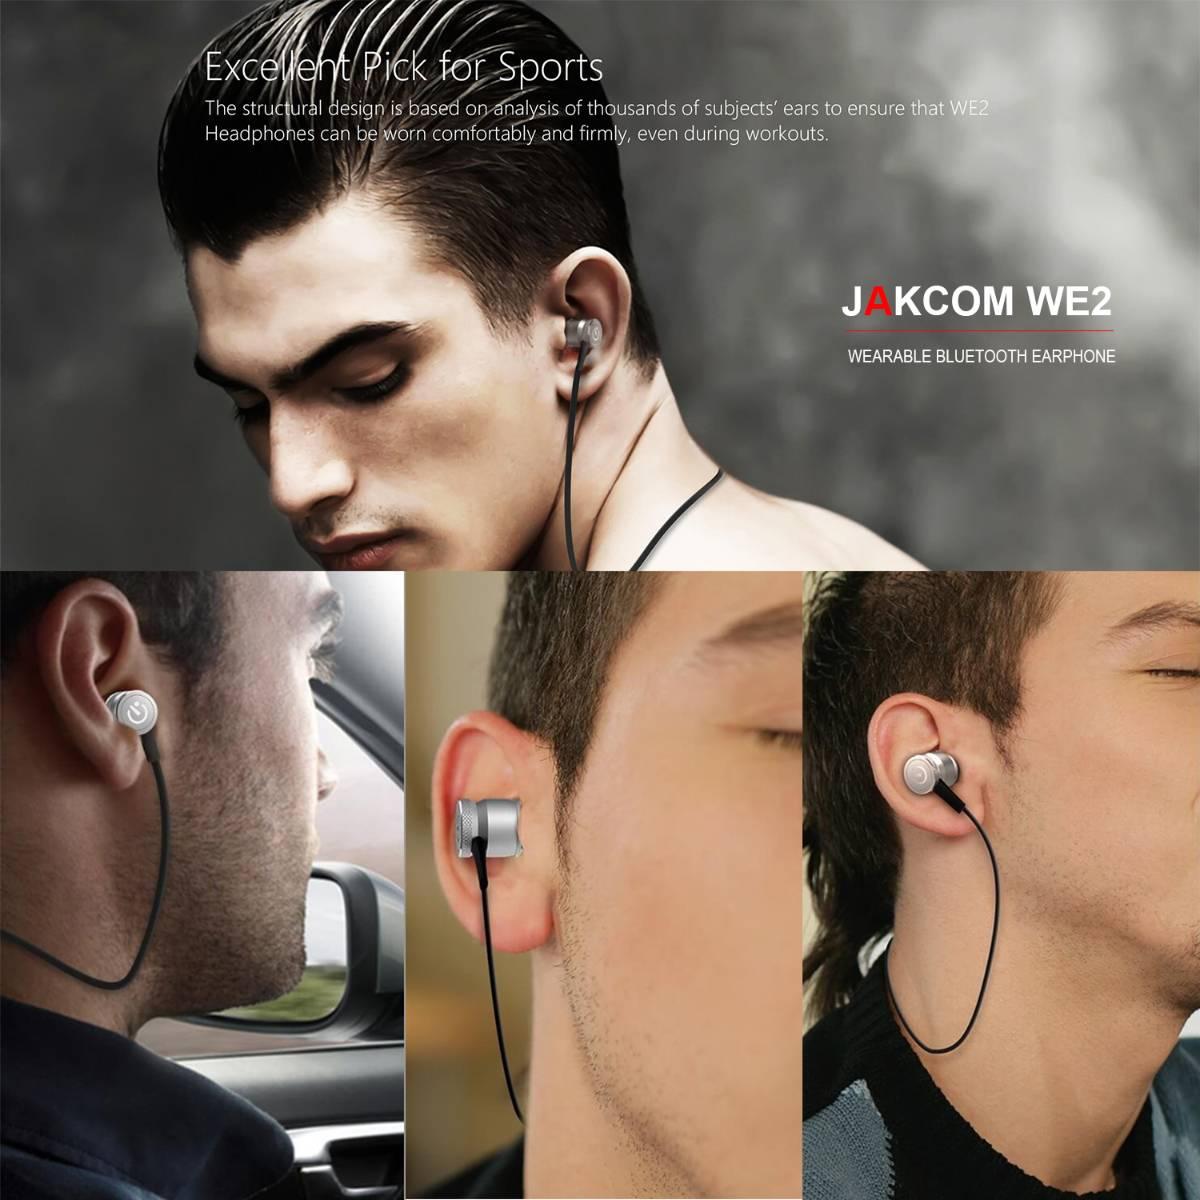 Jakcom WE2 Wearable Bluetooth Earphone Wireless Sport Headphones4